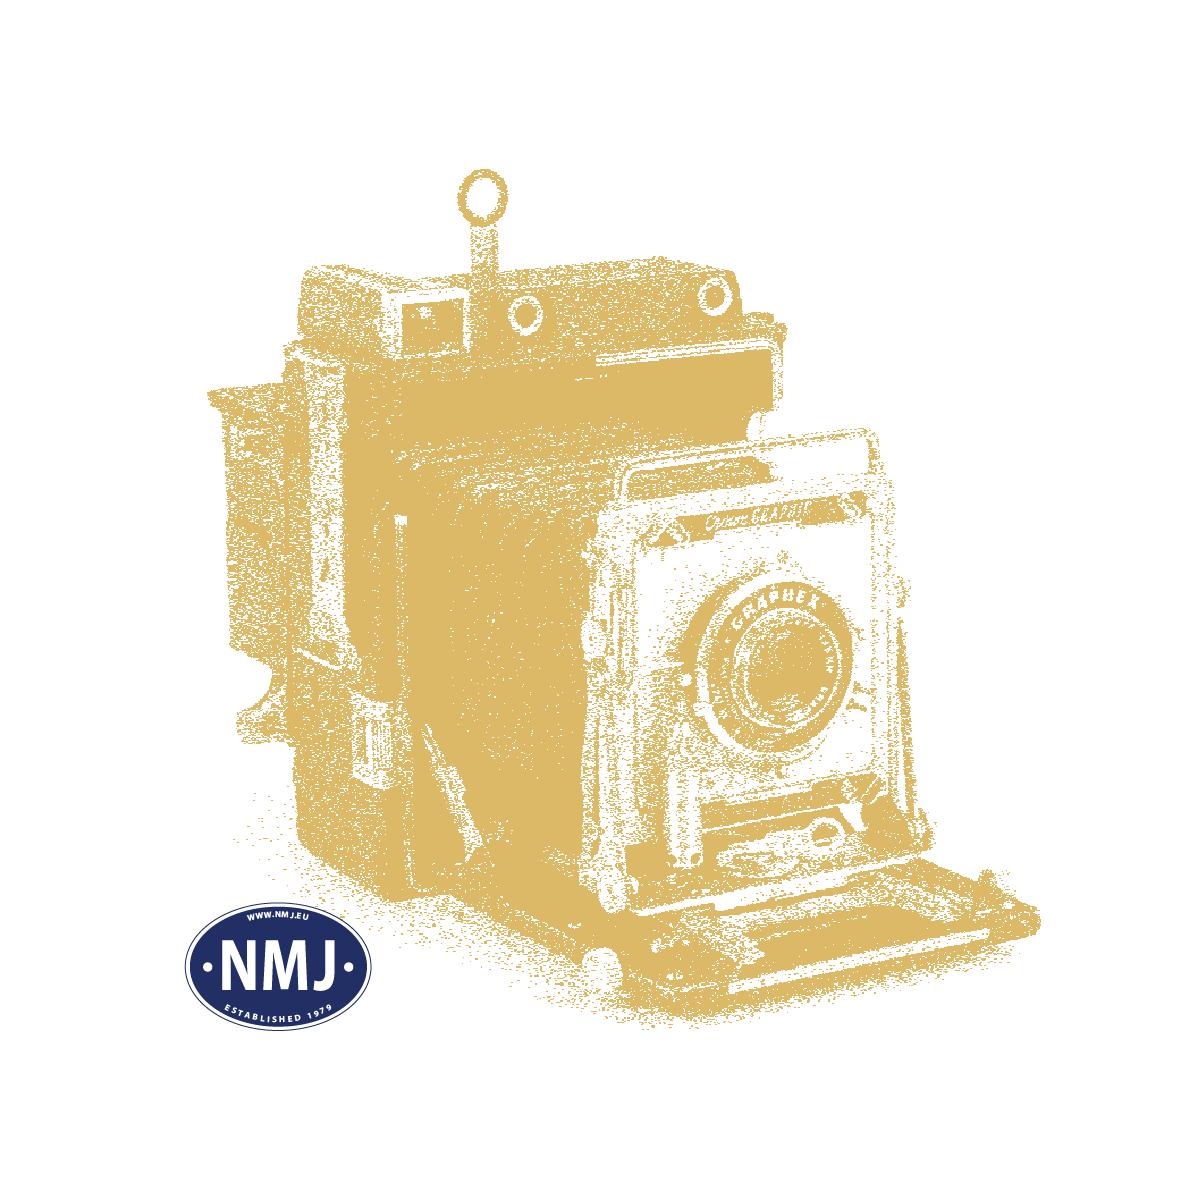 ALB5555 - The CA-Ndle C/A Applicator